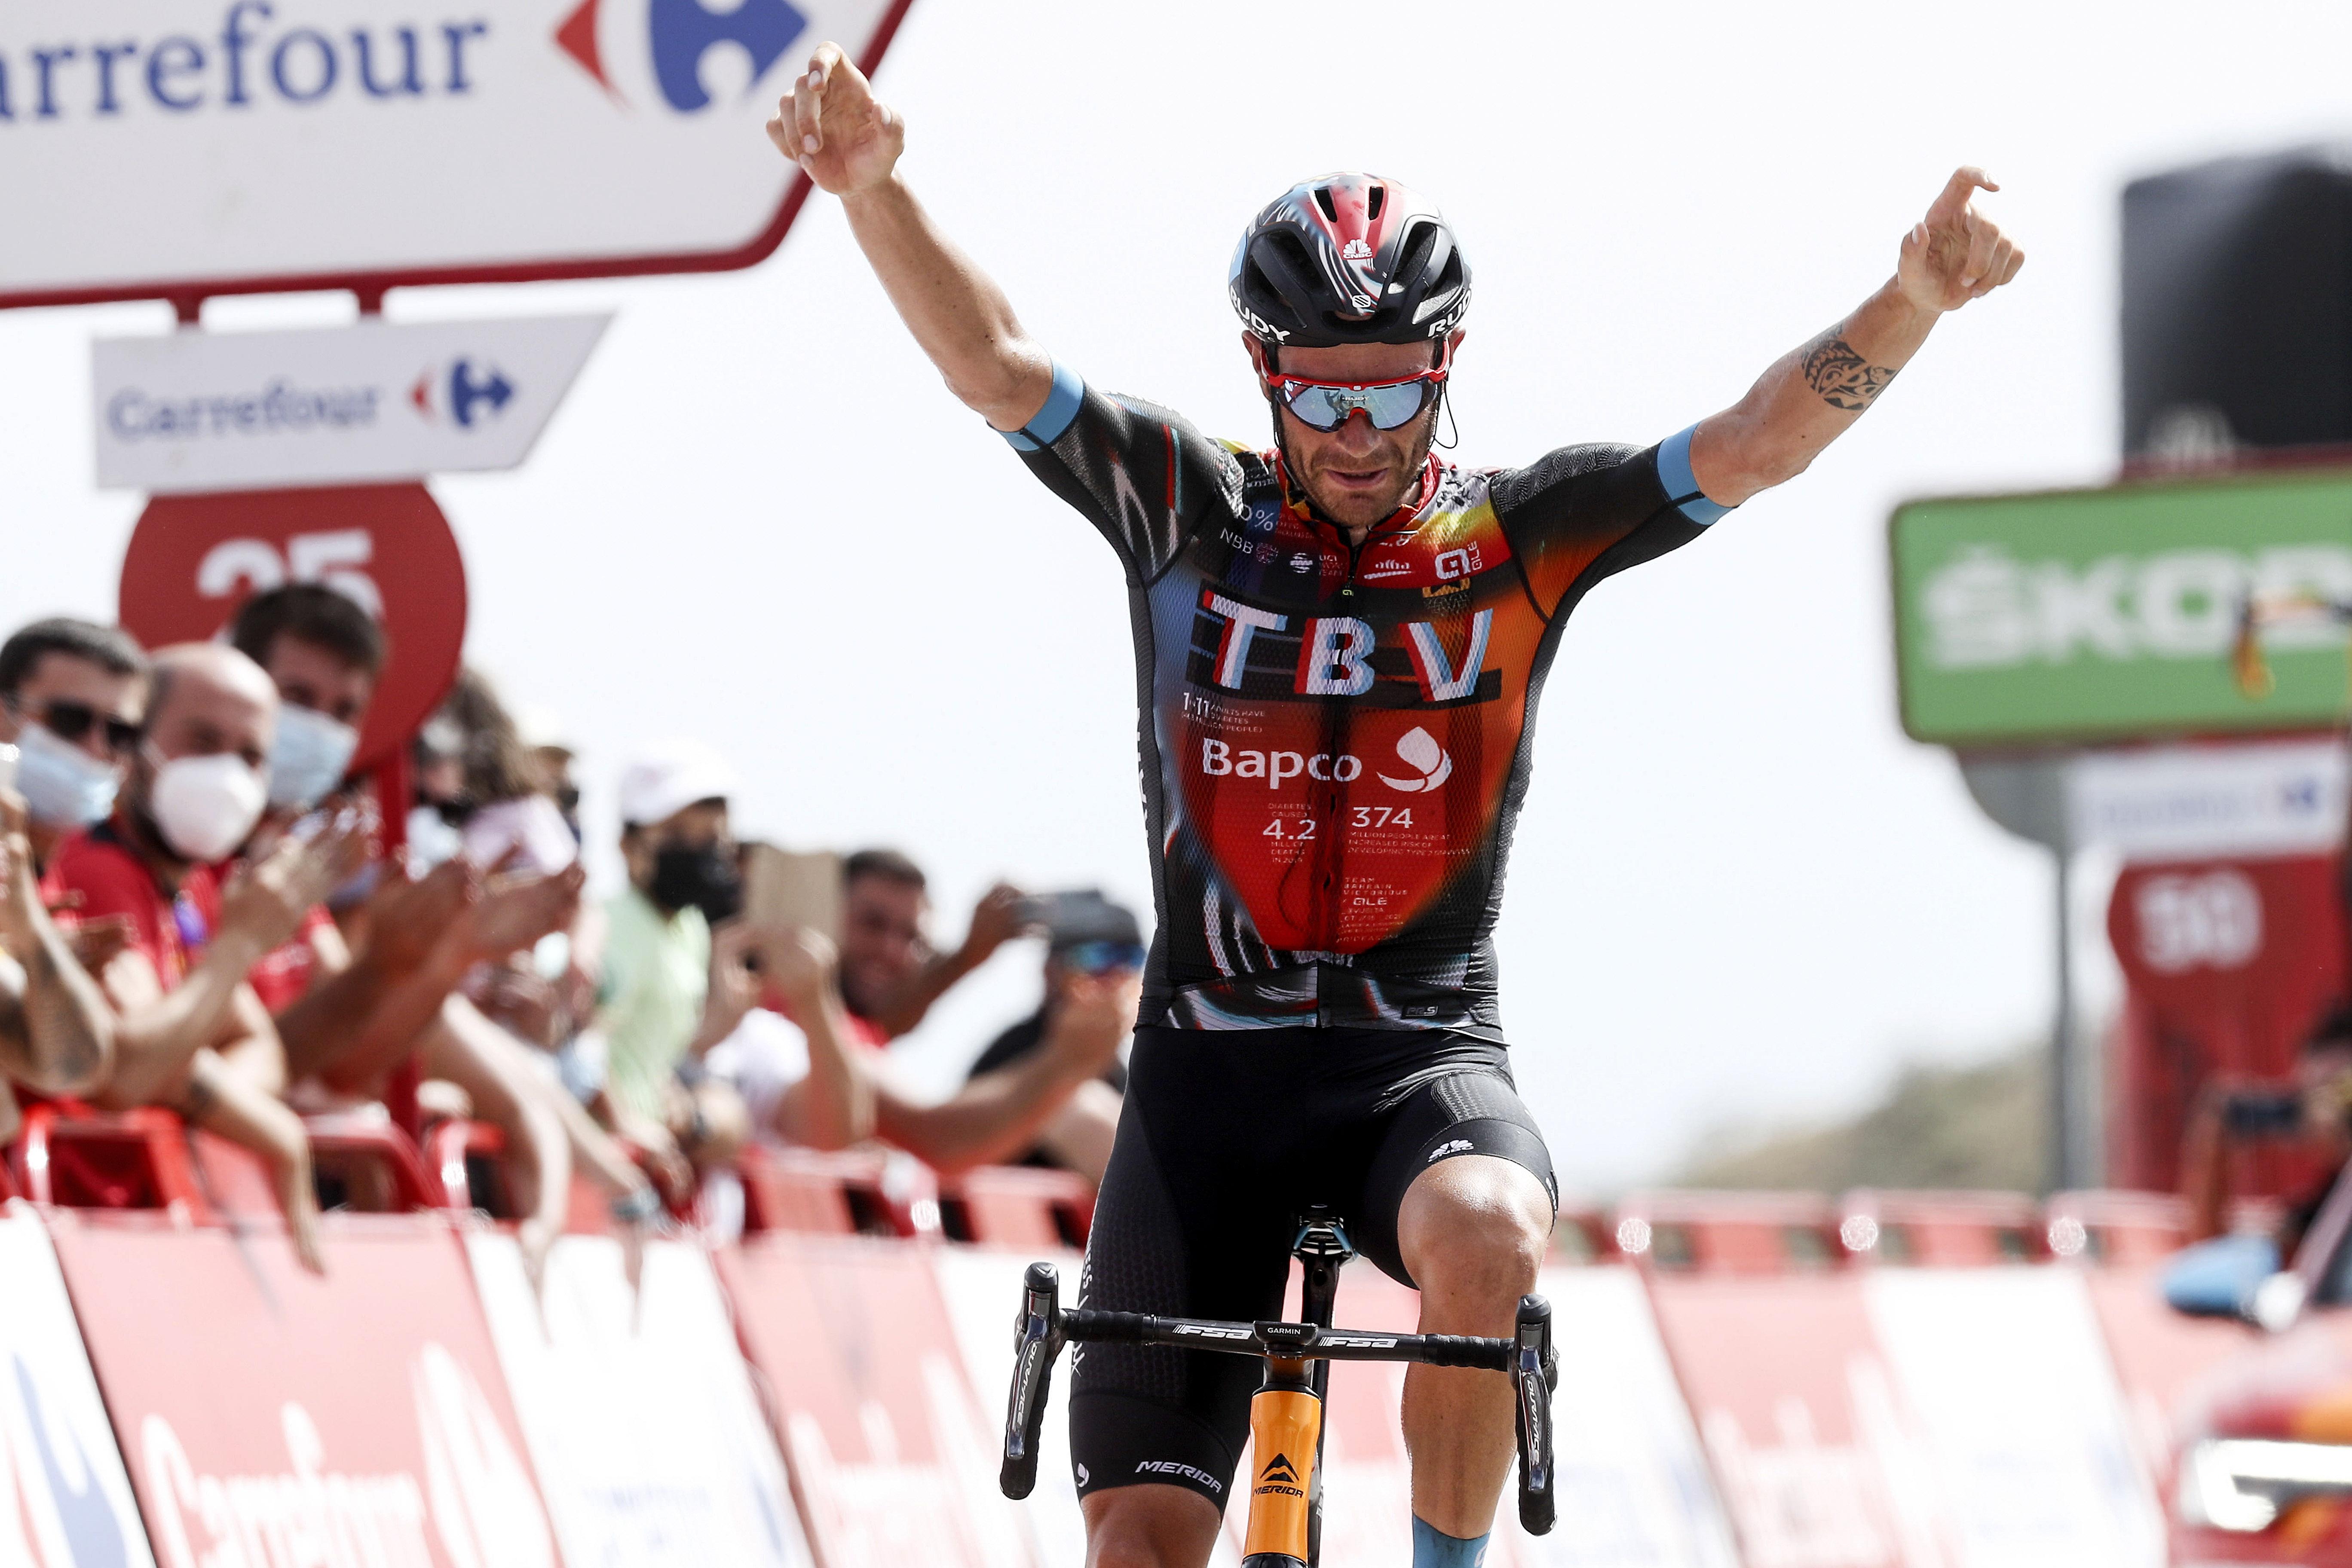 Vuelta Espana 2021 - 76th Edition - 9th stage Puerto Lumbreras - Alto de Velefique 188 km - 22/08/2021 - Damiano Caruso (ITA - Bahrain Victorious) - photo Luis Angel Gomez/BettiniPhoto©2021